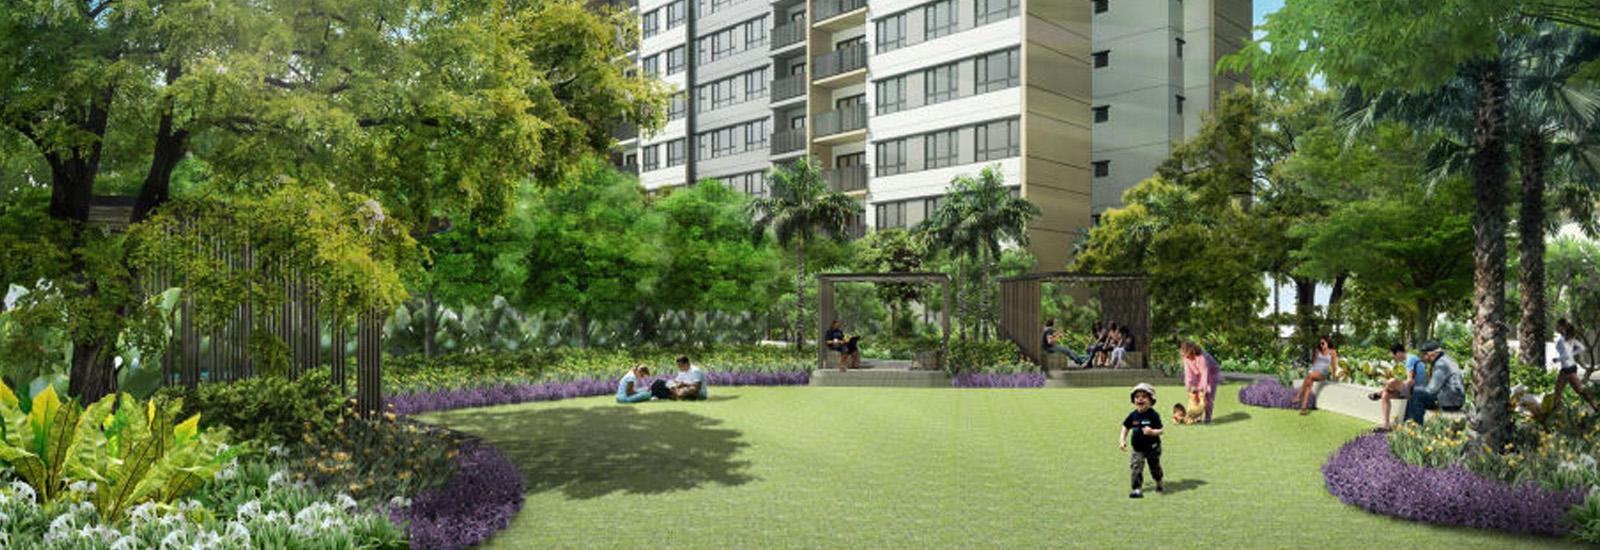 Dự án Palm Garden quận 2 và thiết kế không gian sống hoàn hảo